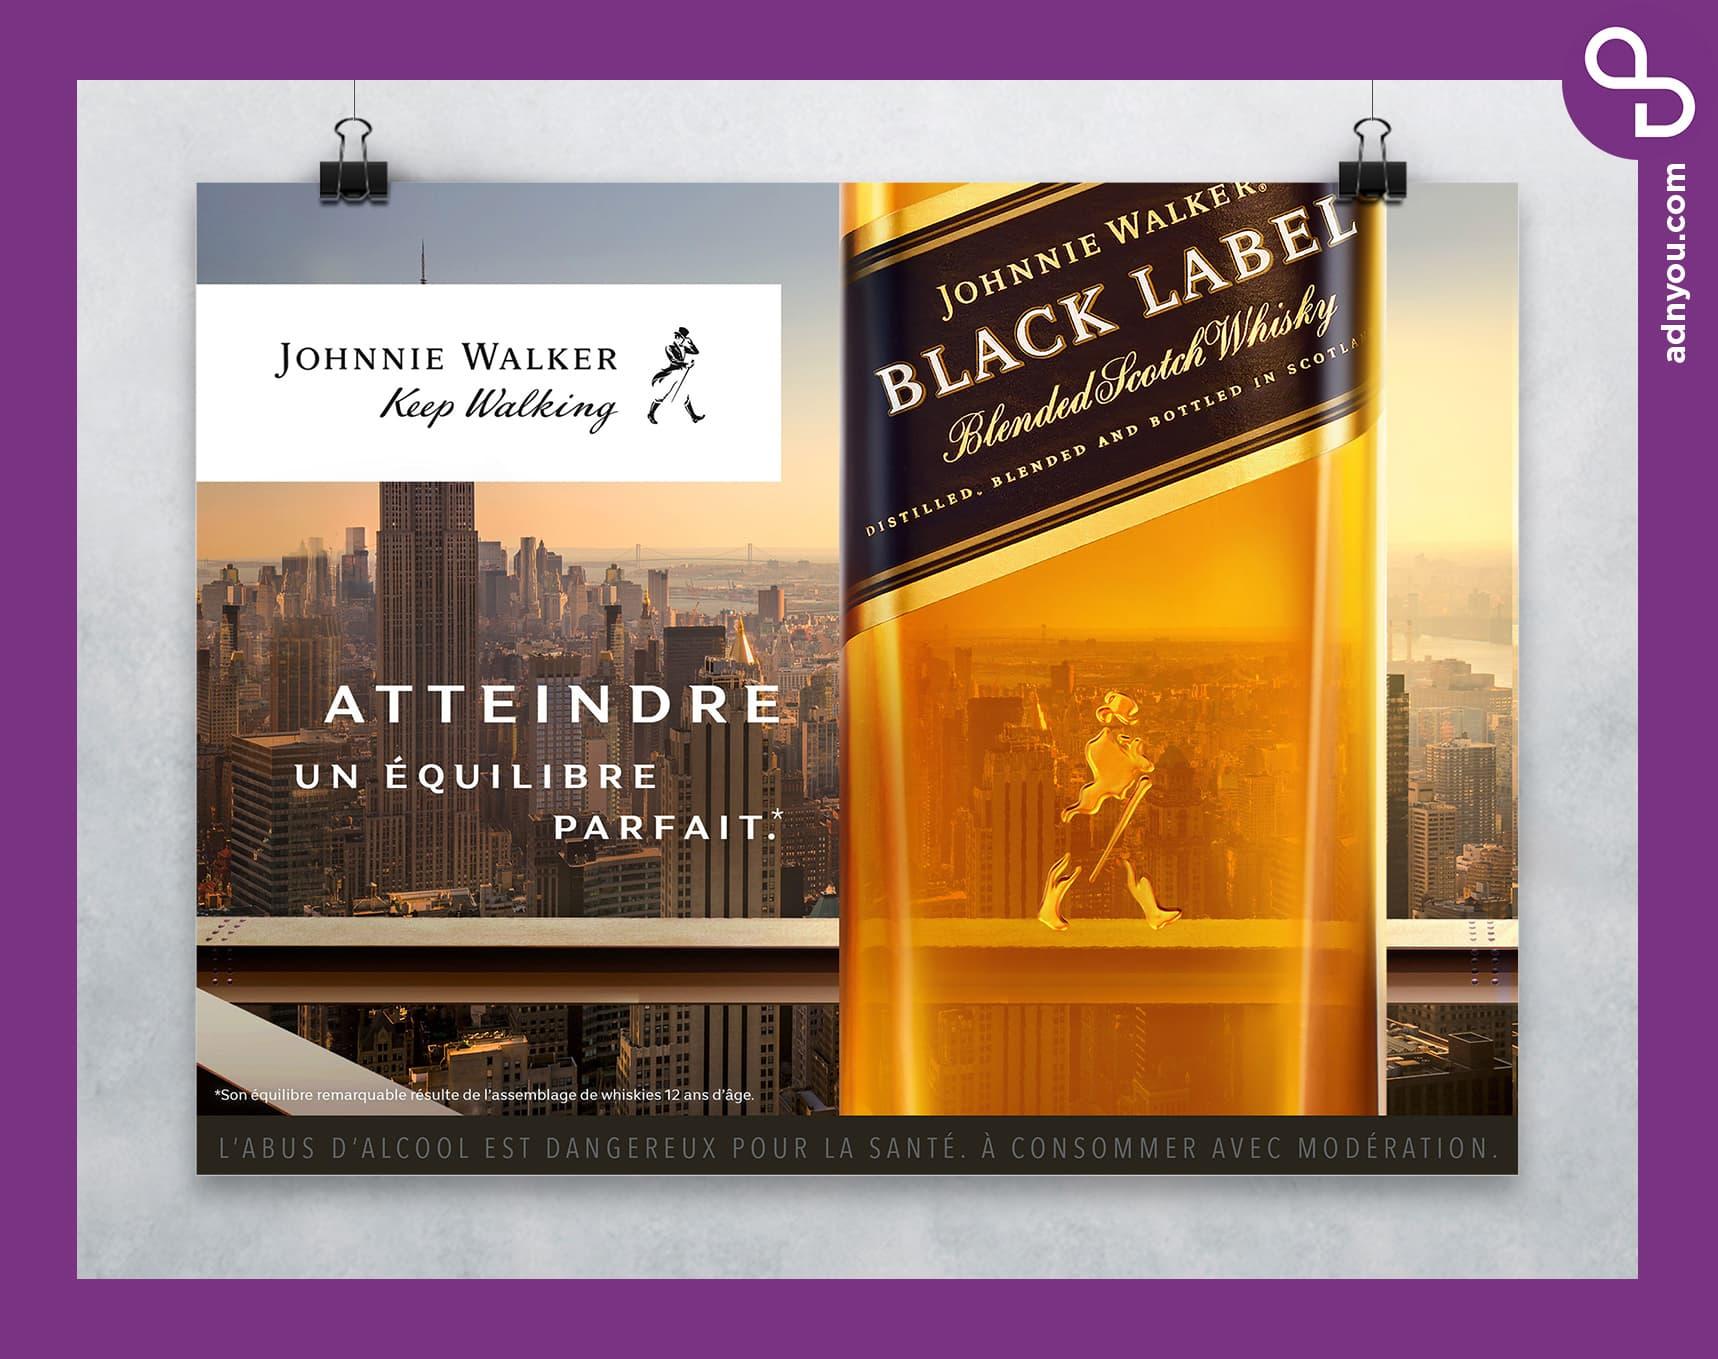 Johnnie-Walker-campagne-pub